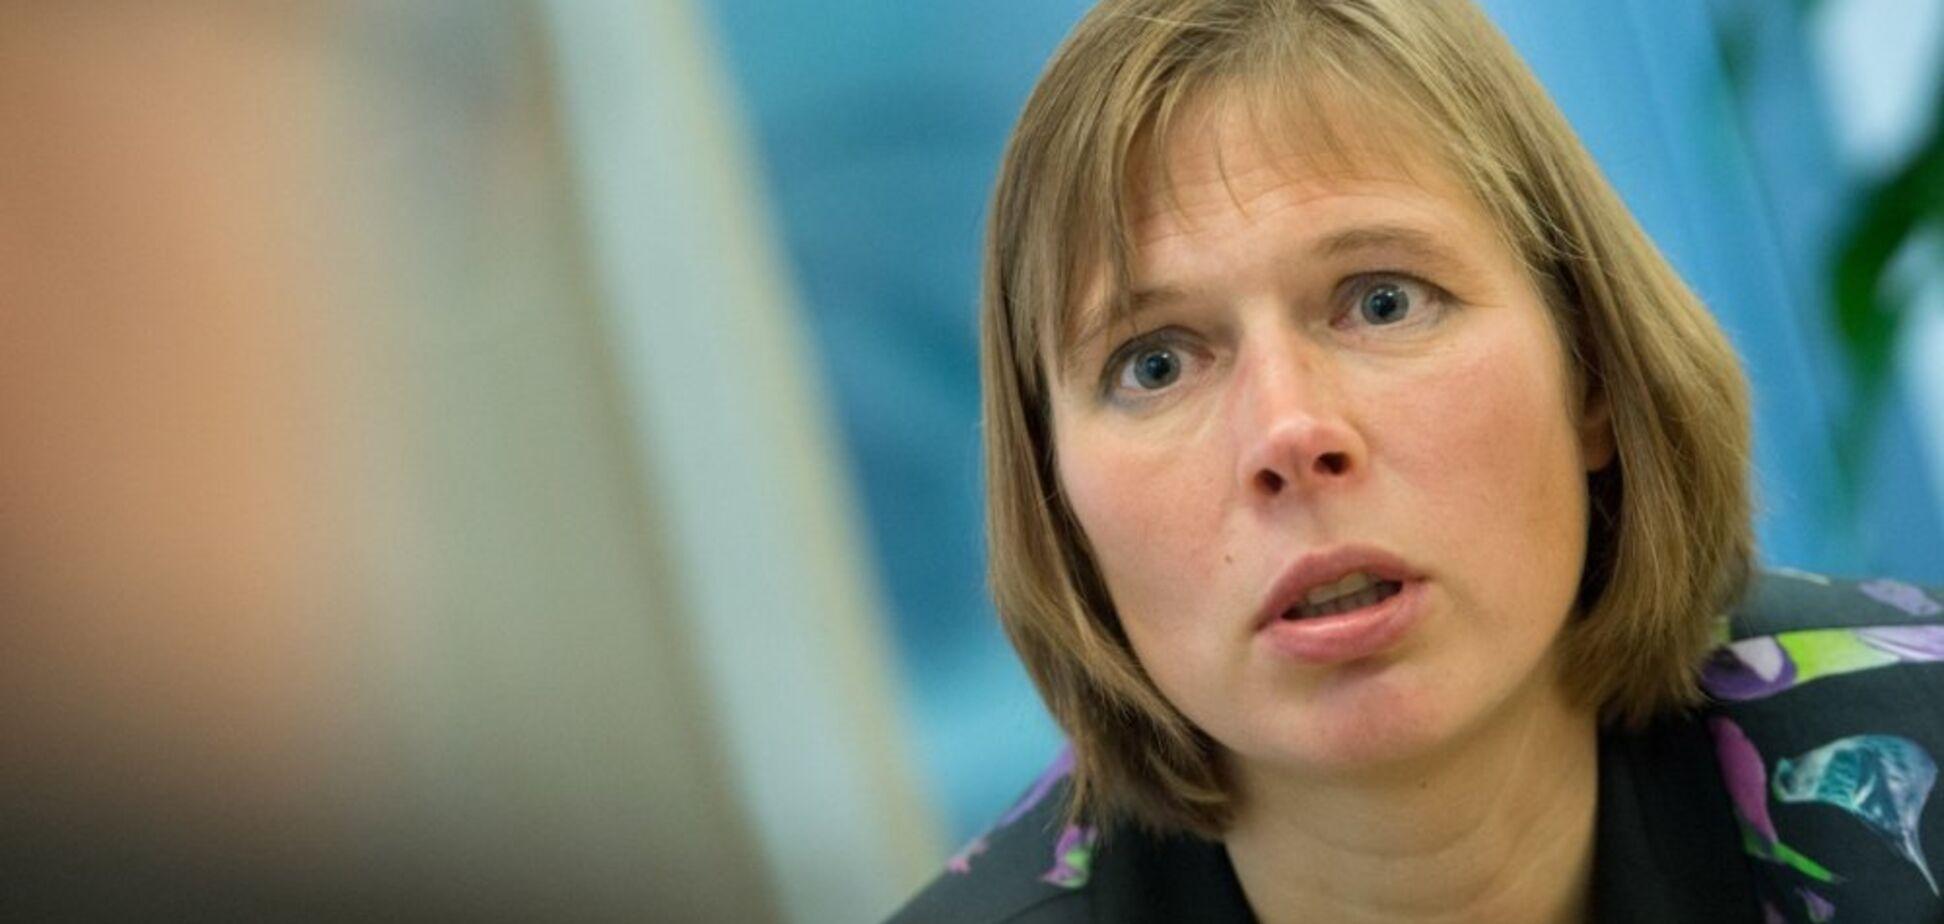 'Называйте своими именами': президент Эстонии обратилась к миру из-за войны на Донбассе и в Грузии